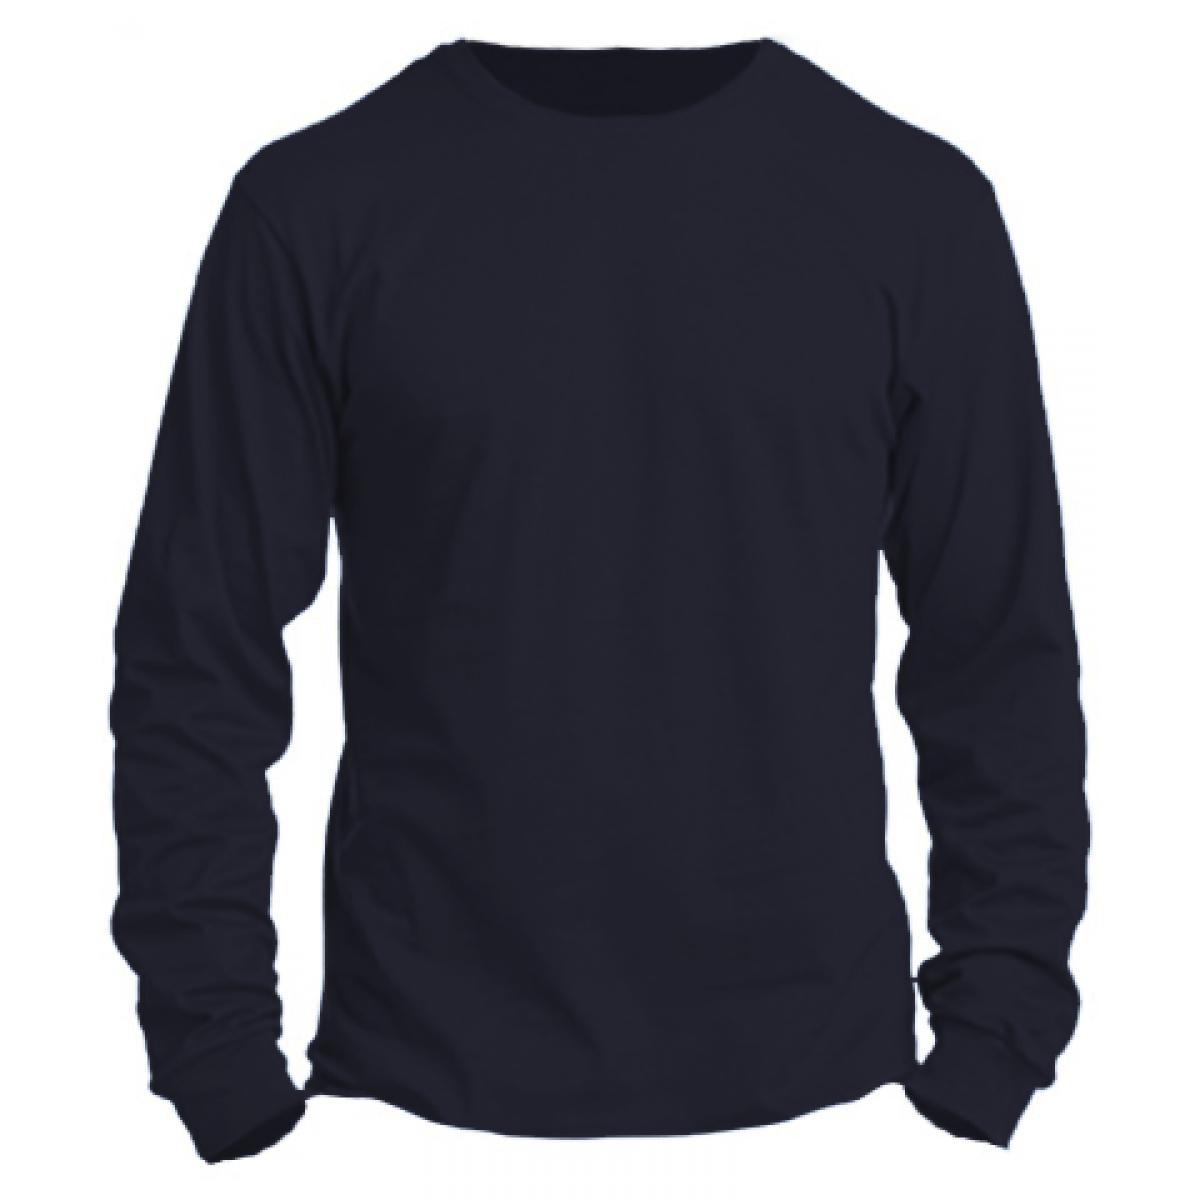 Basic Long Sleeve Crew Neck -Heather Navy-2XL